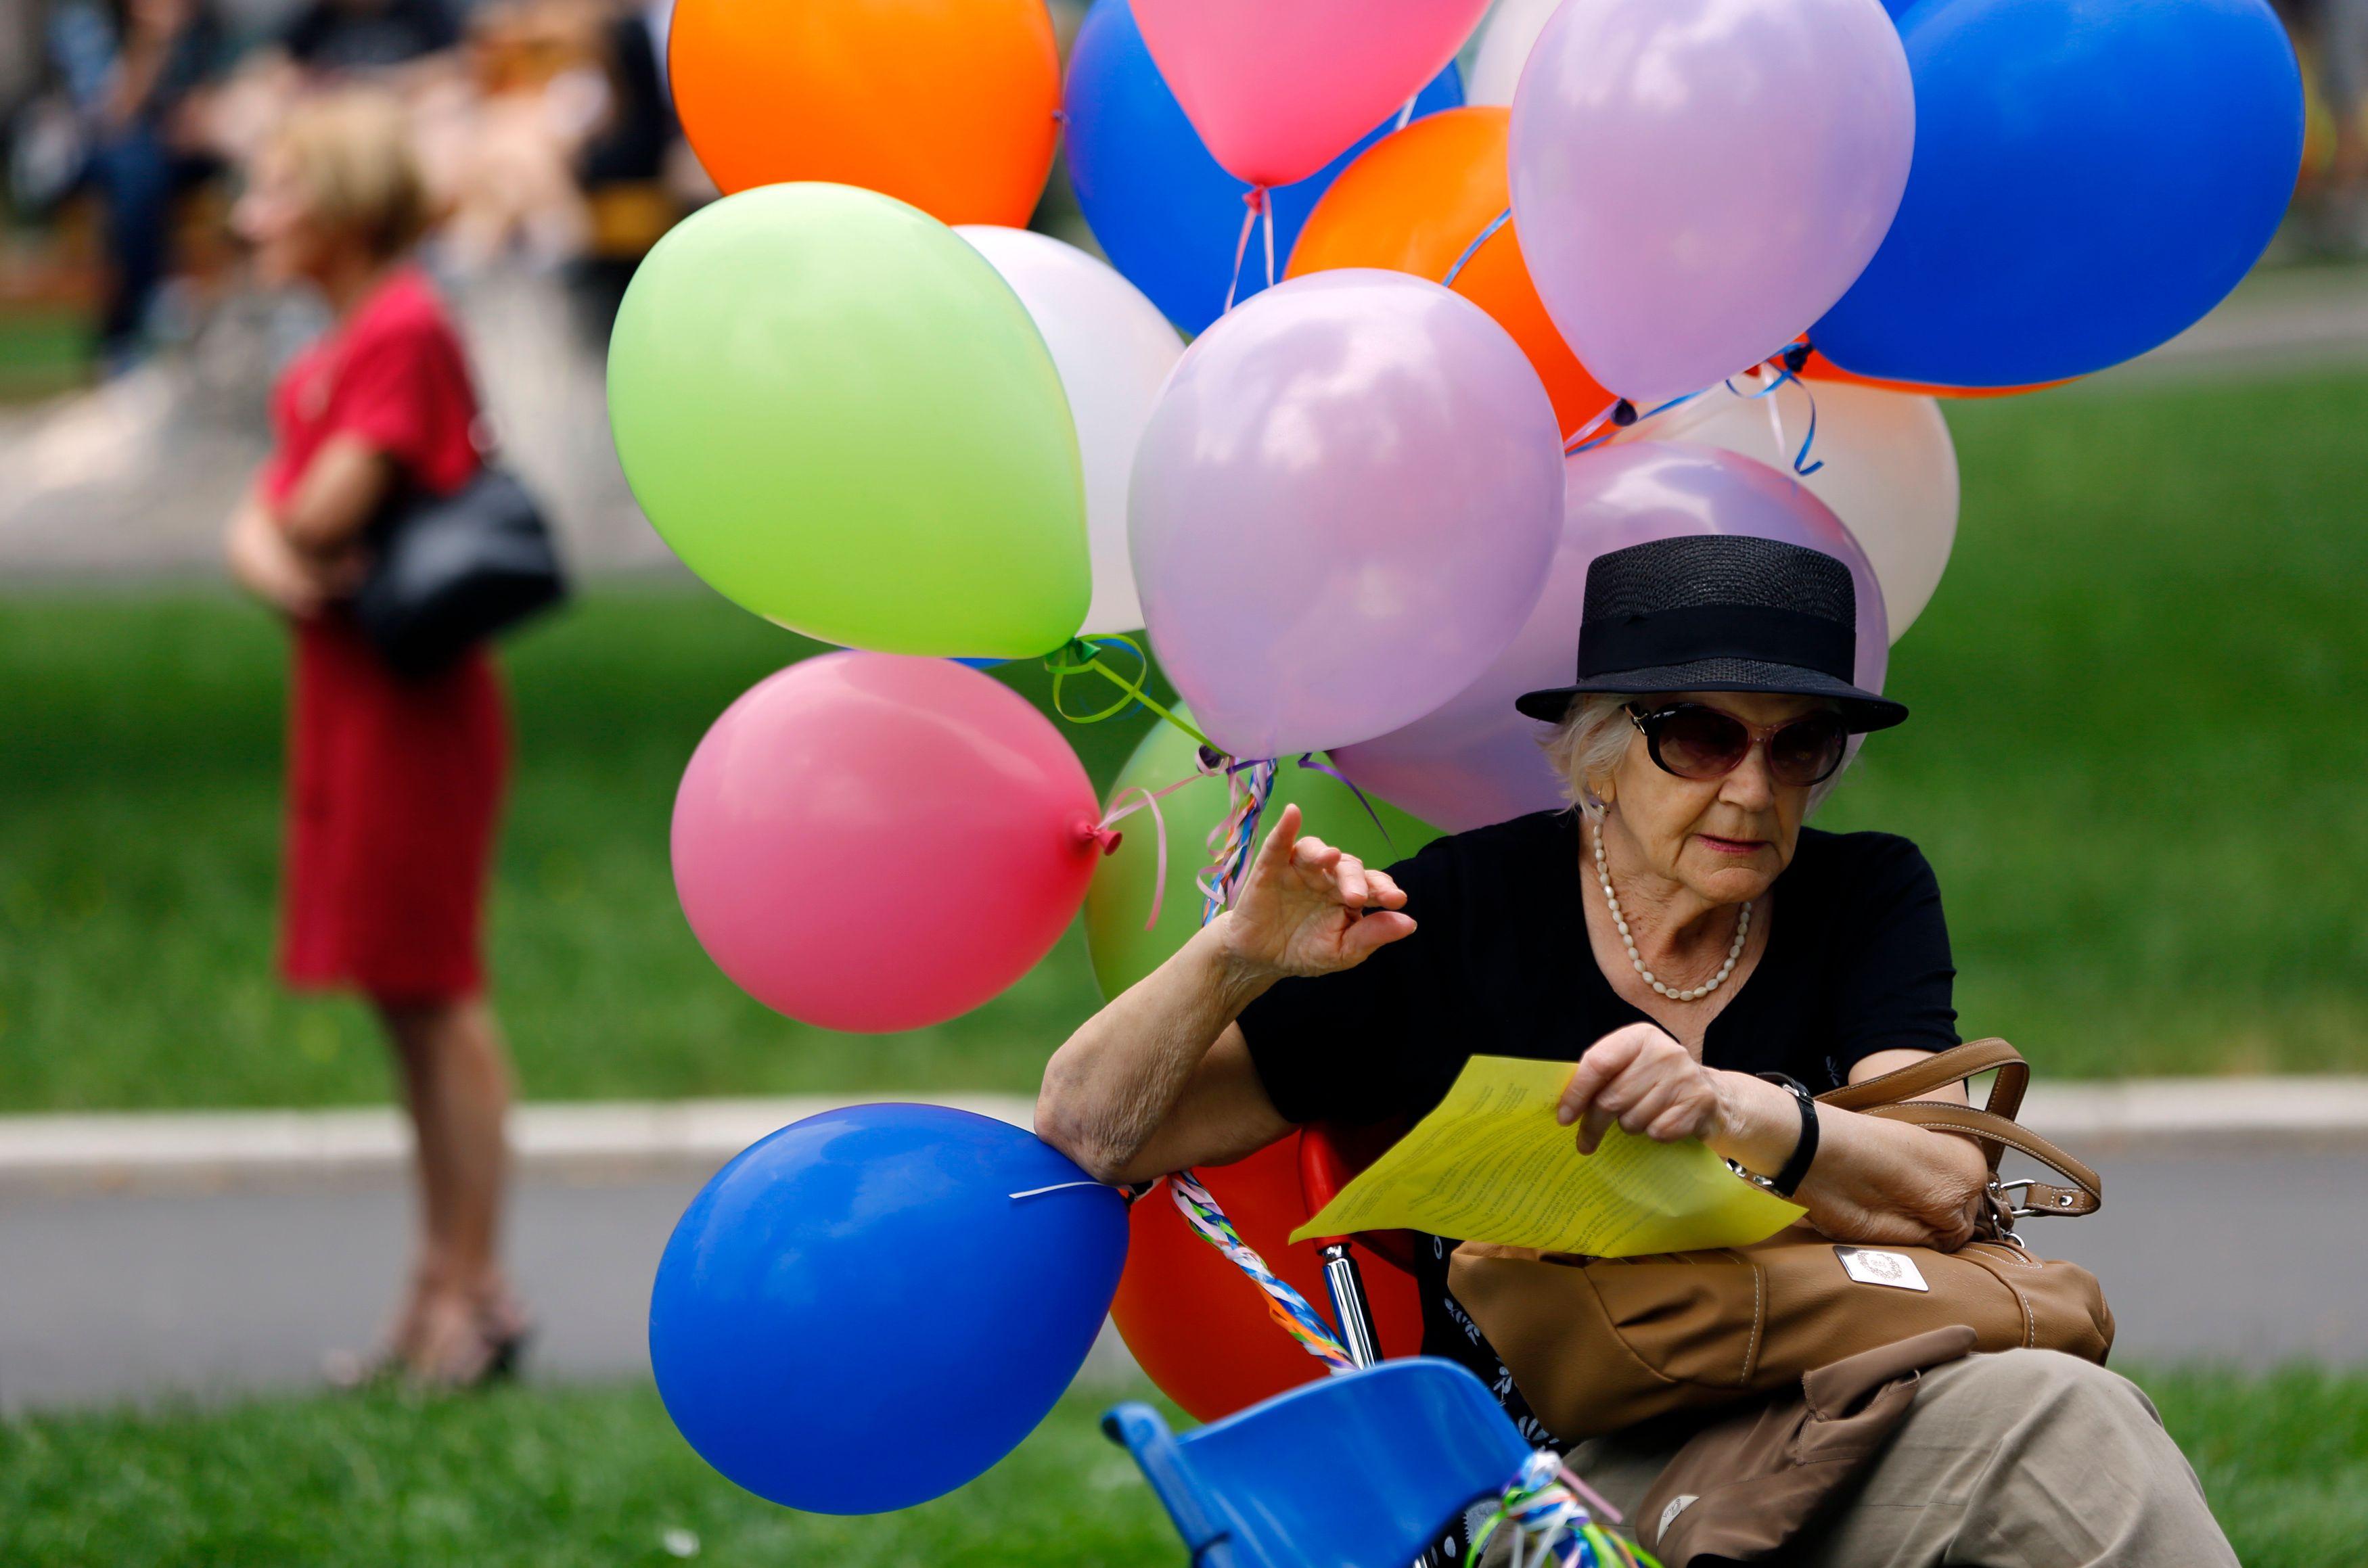 Le Medef proposera-t-il de baisser les retraites complémentaires en 2015 ?